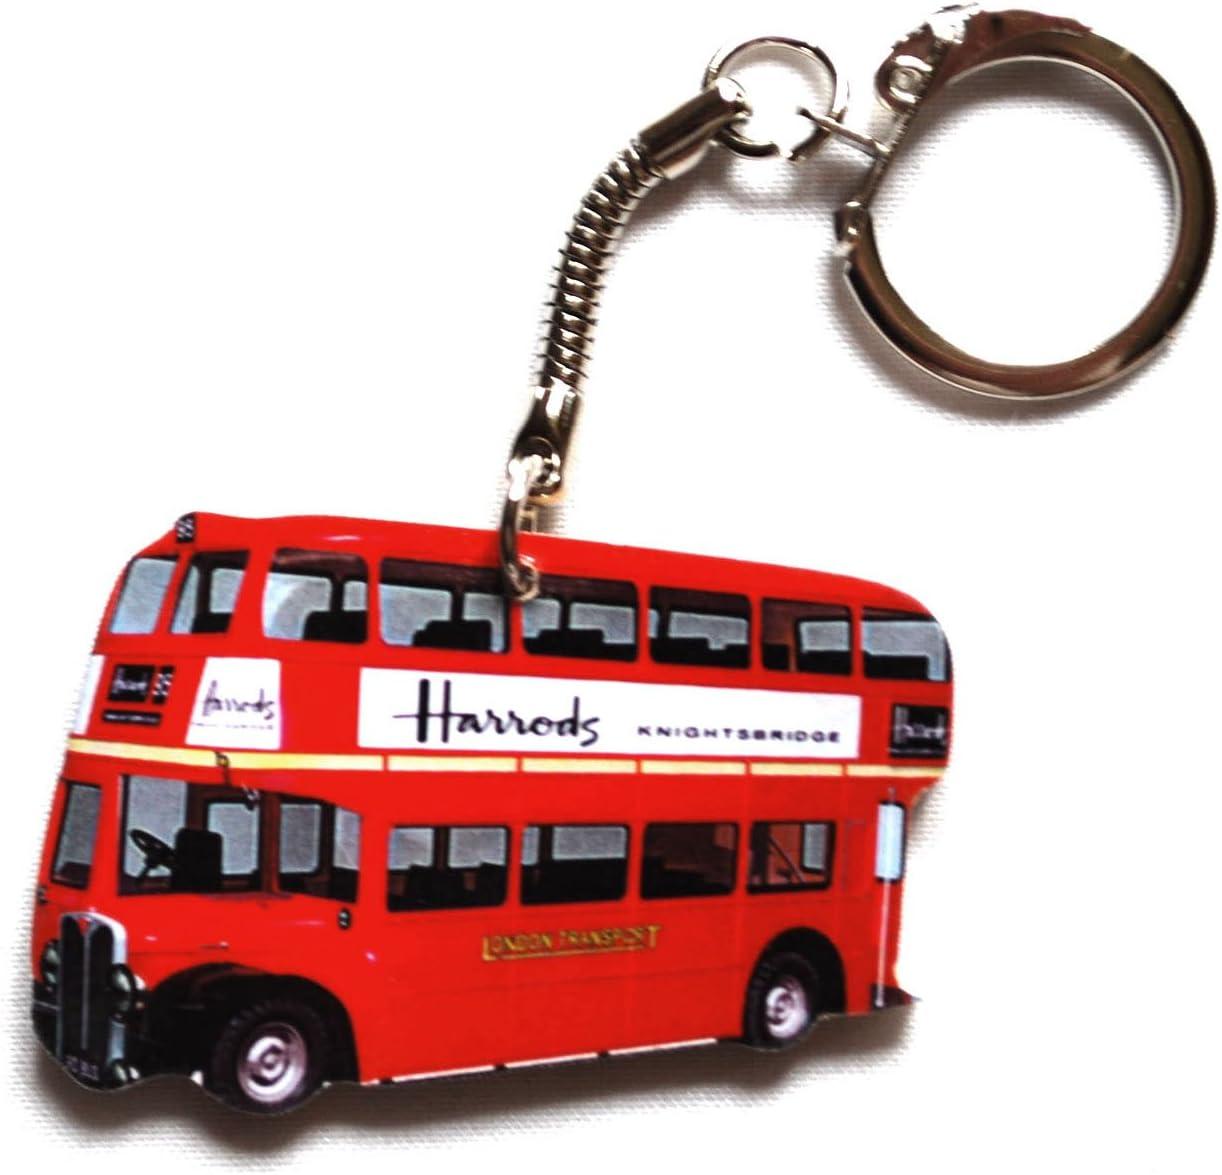 London Bus Harrods Deluxe Fridge Magnet LS15